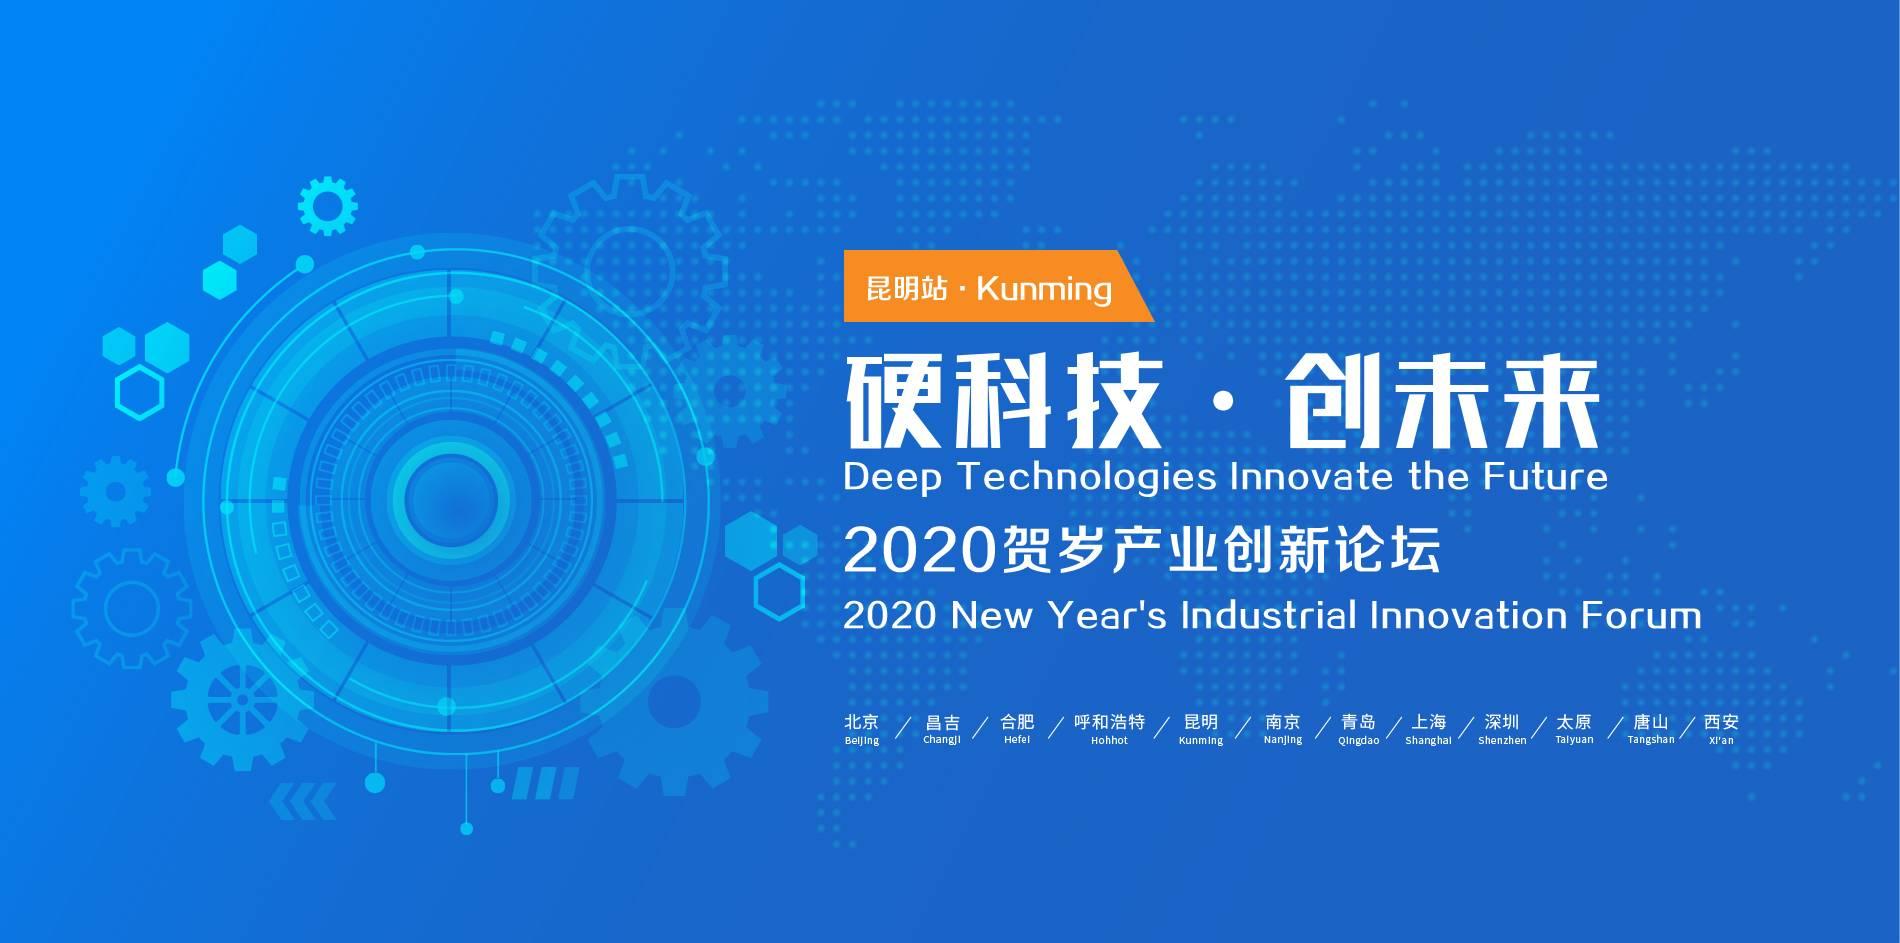 【活动】硬科技·创未来——2020贺岁产业创新论坛·昆明站-亿欧